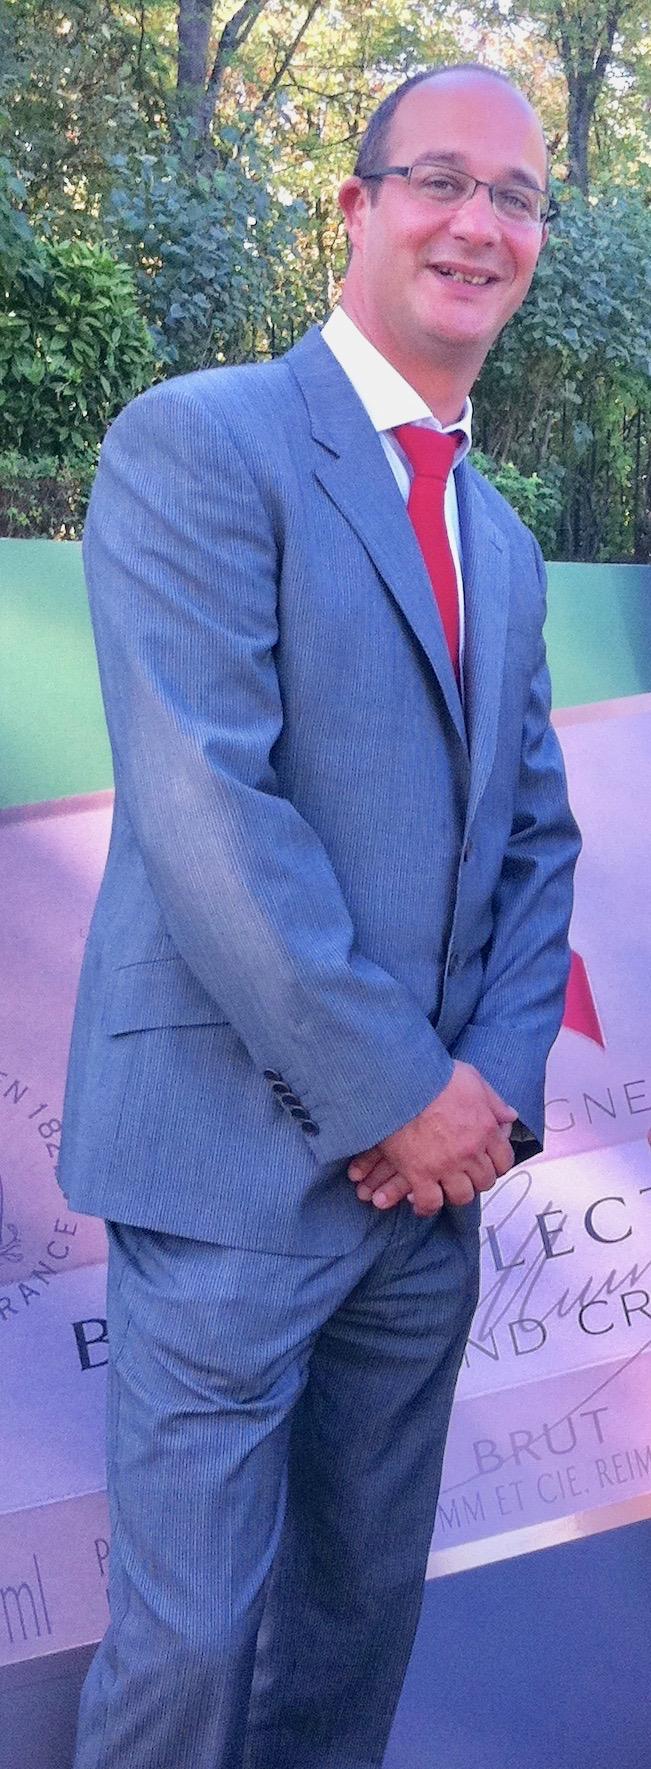 Nommé en 2006, Didier Mariotti est resté douze ans chez G.H.Mumm.